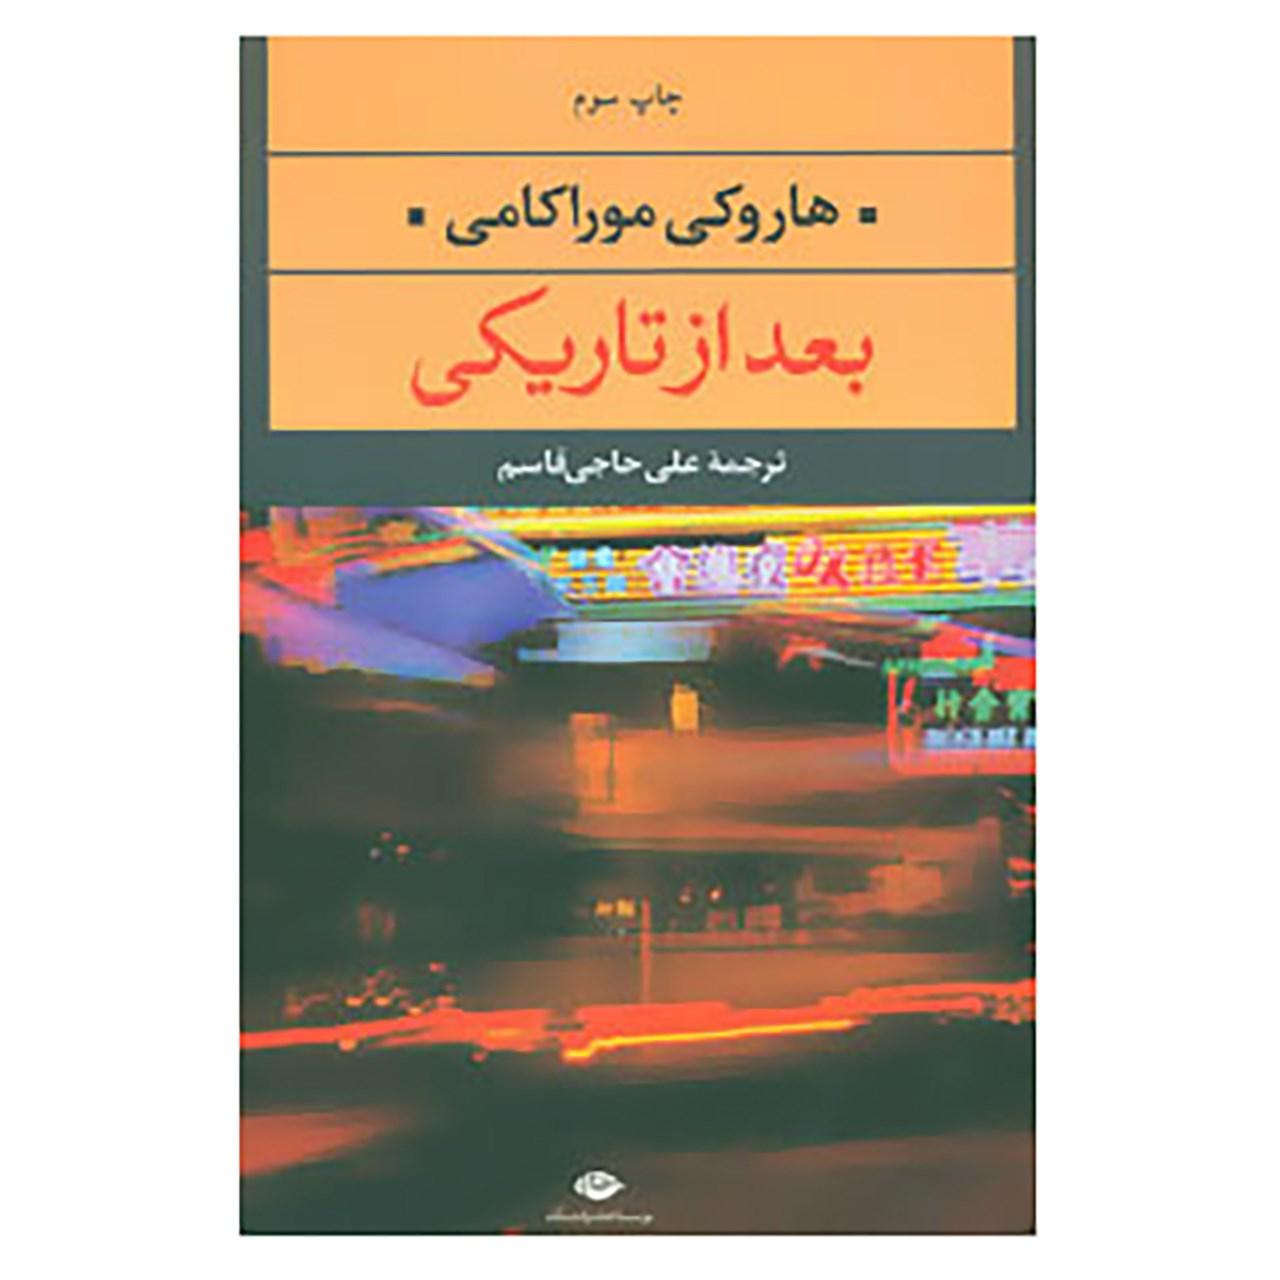 کتاب ادبیات مدرن جهان،چشم و چراغ59 اثر هاروکی موراکامی